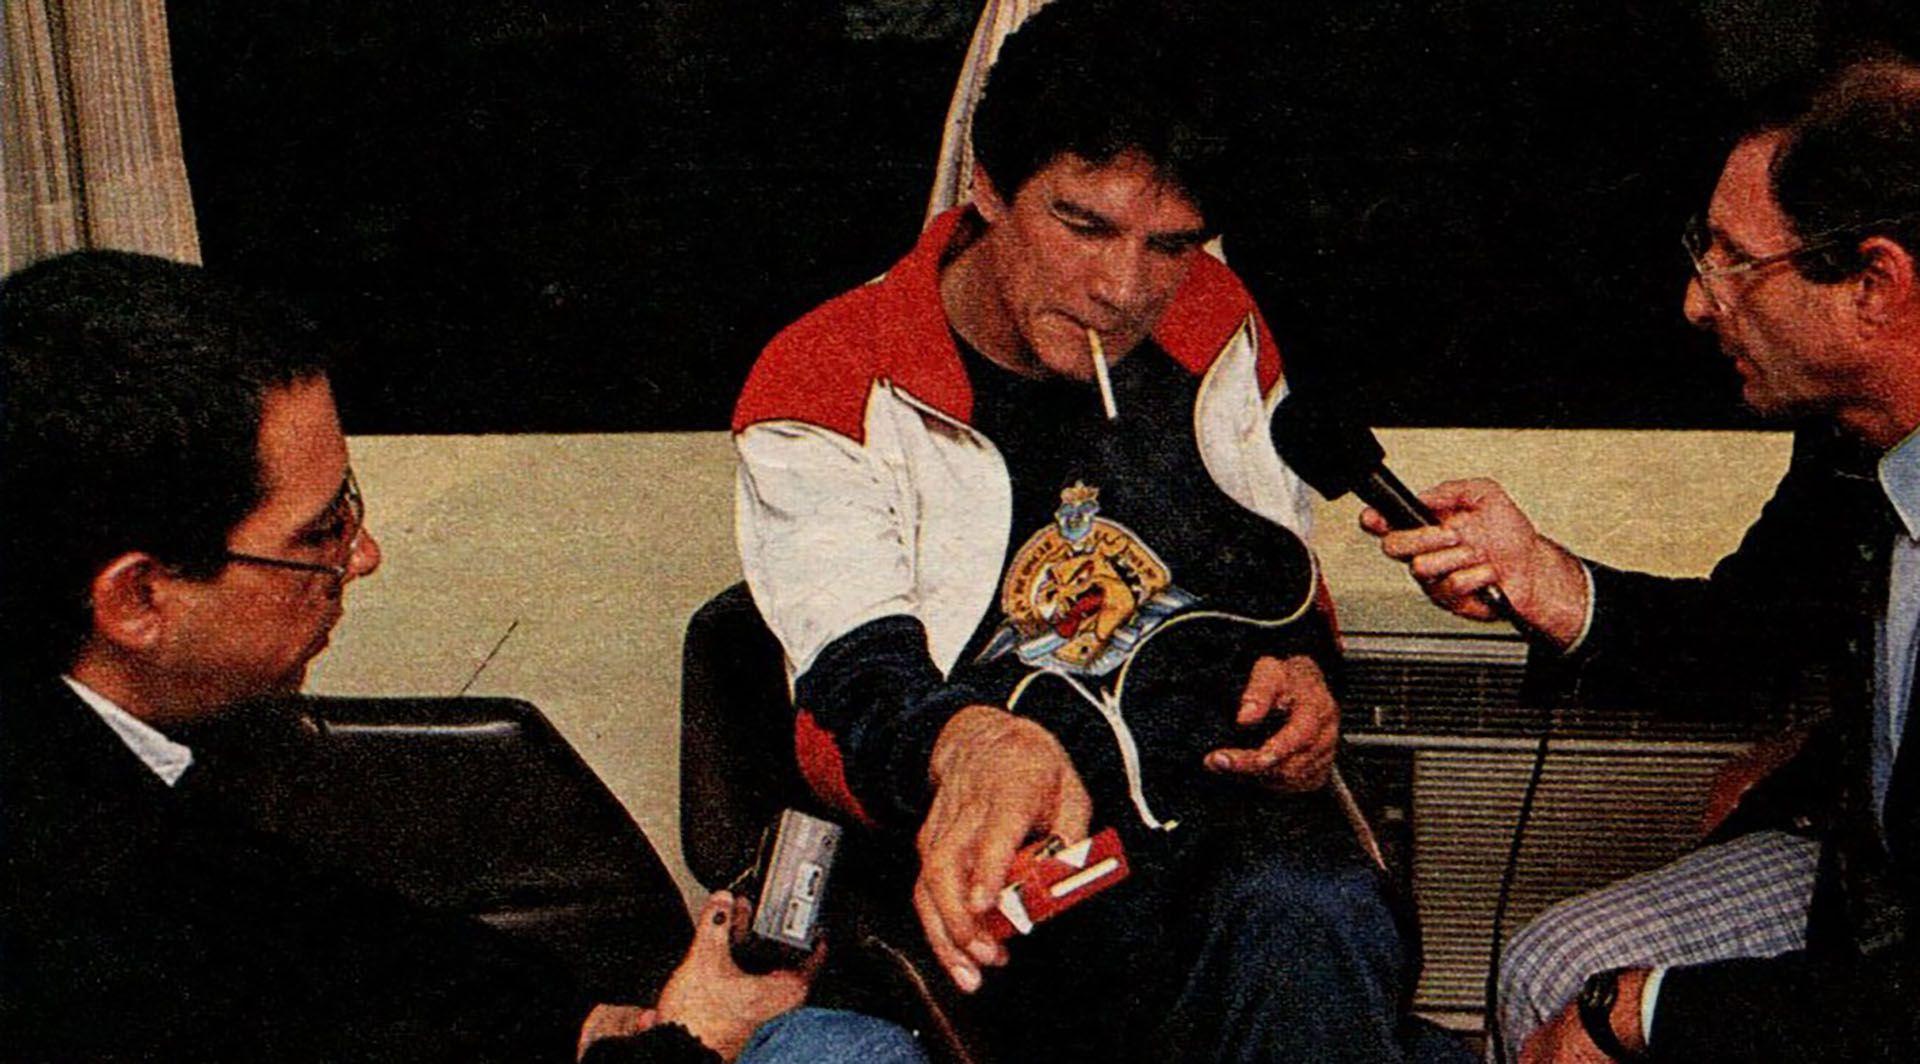 Carlos Monzón enciende un cigarrillo y responde a Carlos Irusta y Cherquis Bialo, enviados de la revista El Gráfico a Batán para realizar la primera entrevista tras las rejas.